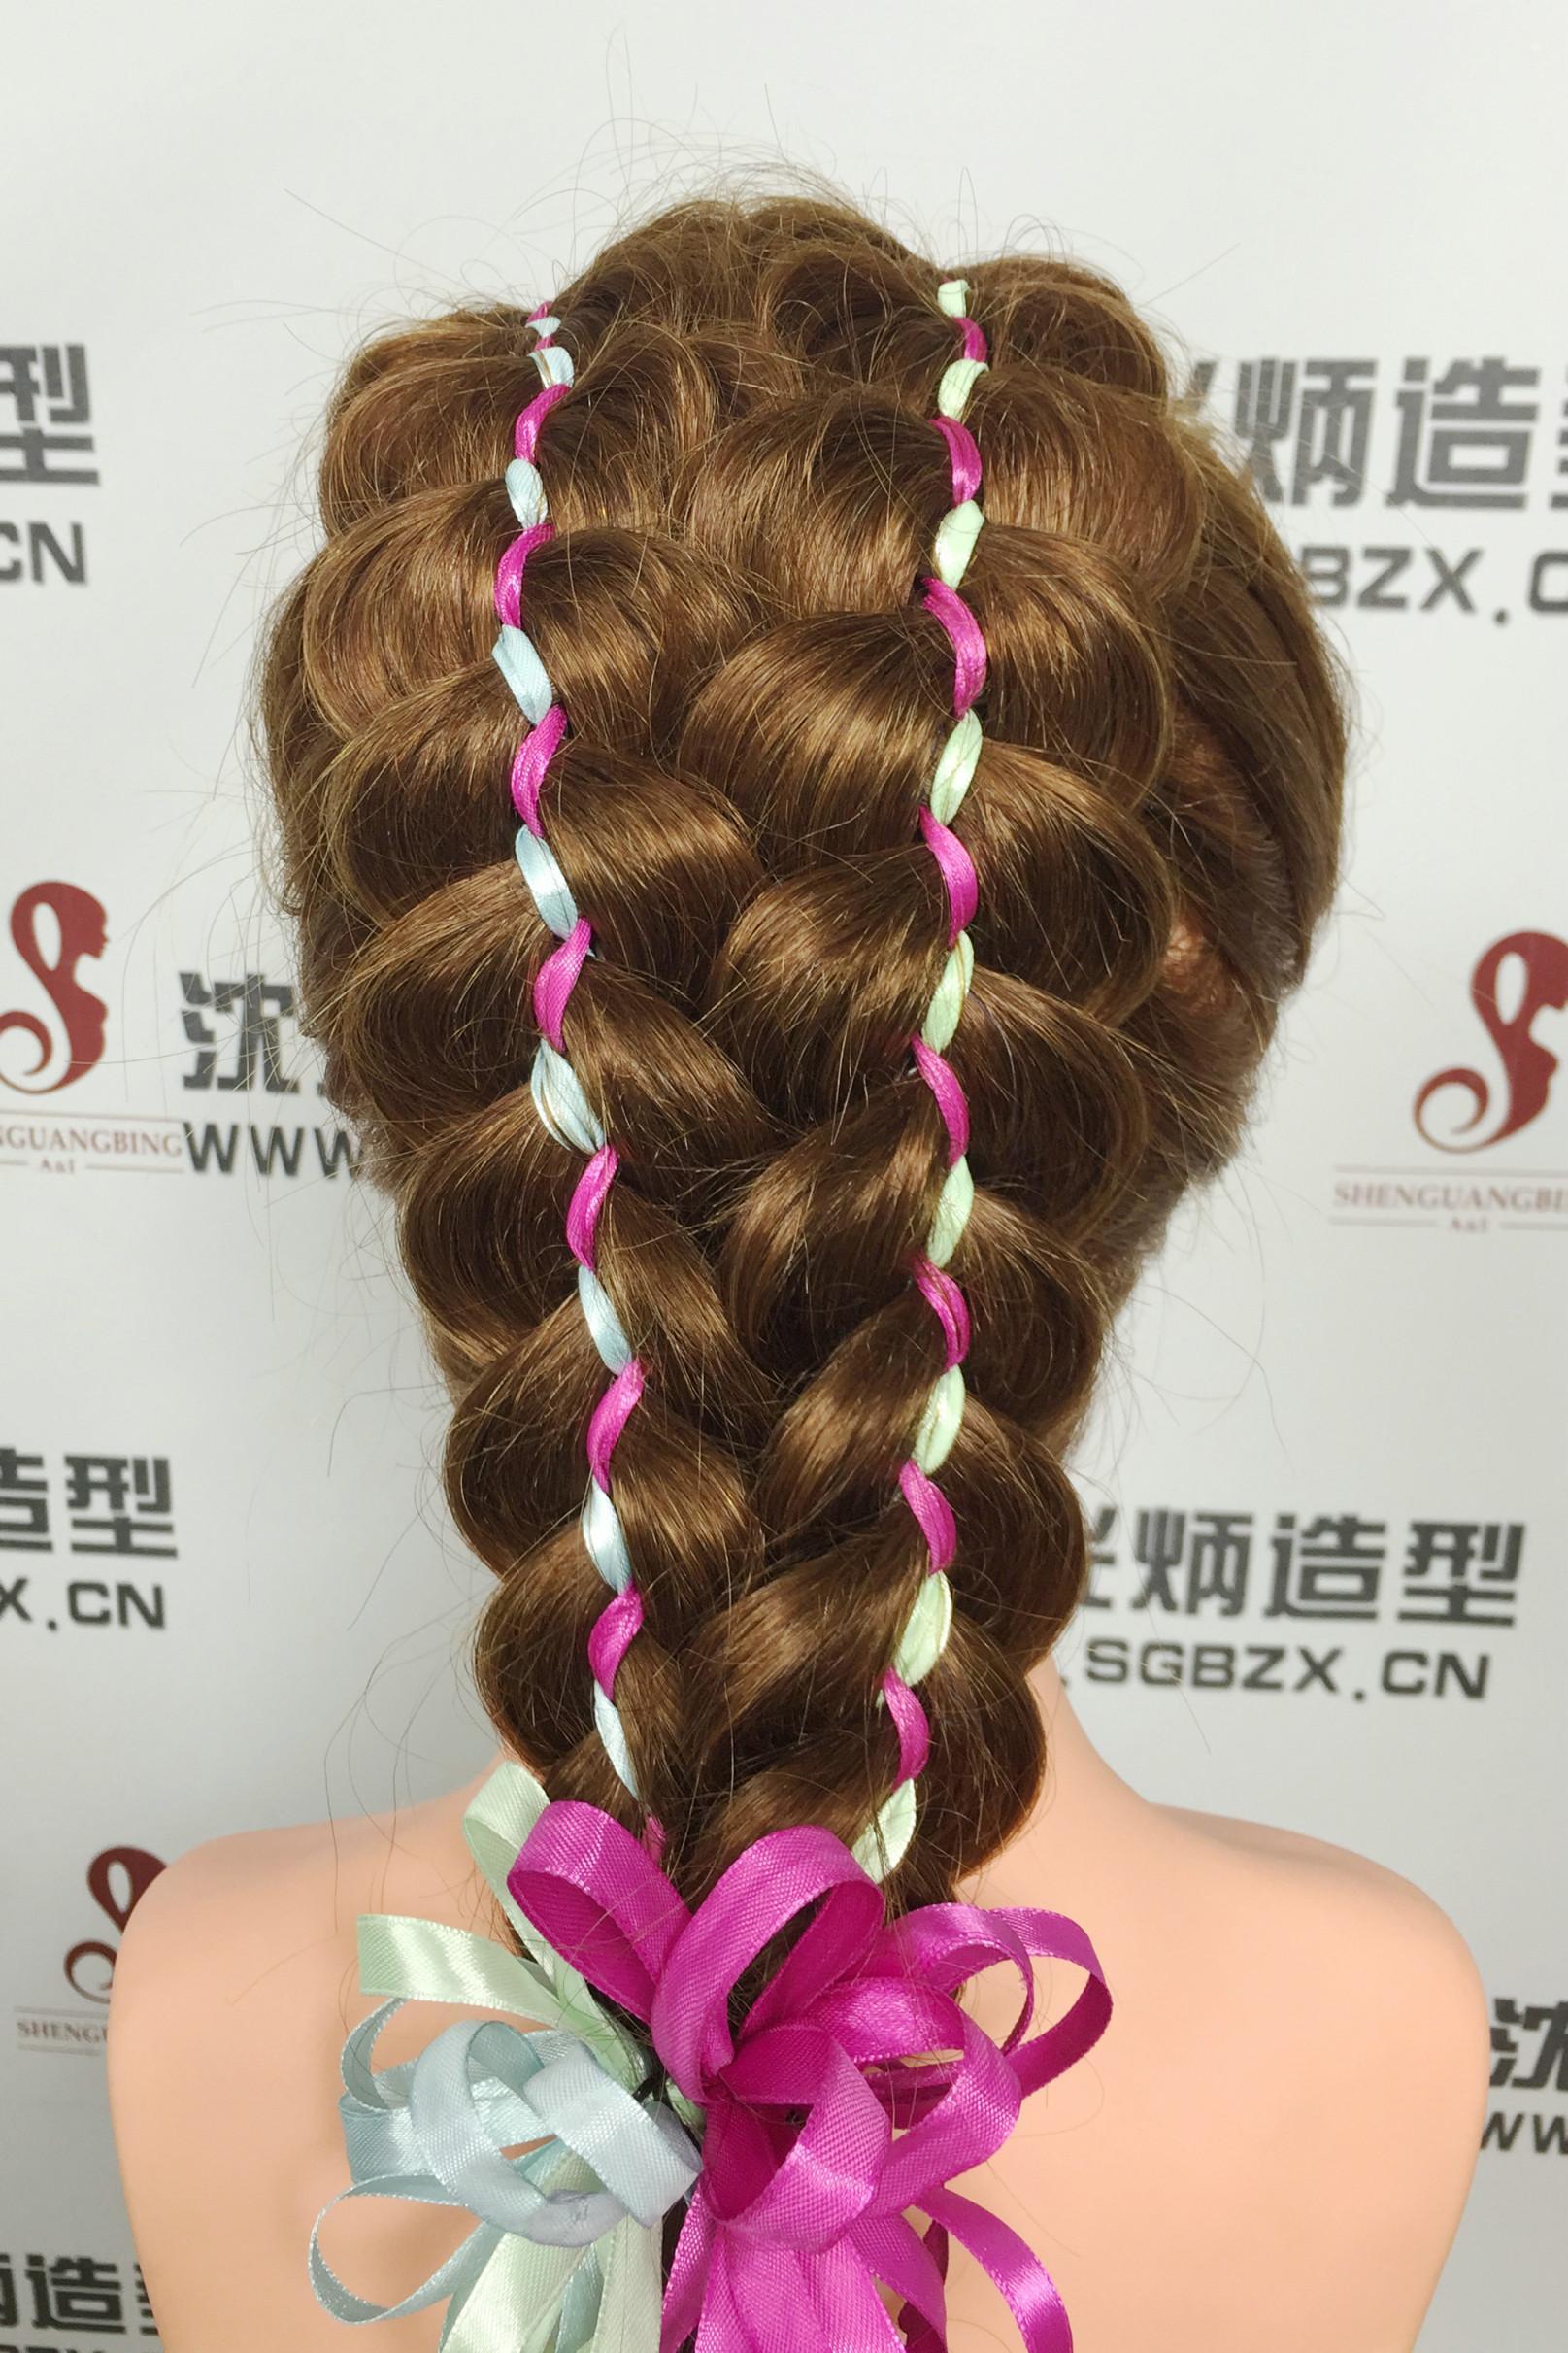 2016彩带编发扎发打造与众不同的非发型发型法编的主流爬山虎辫子